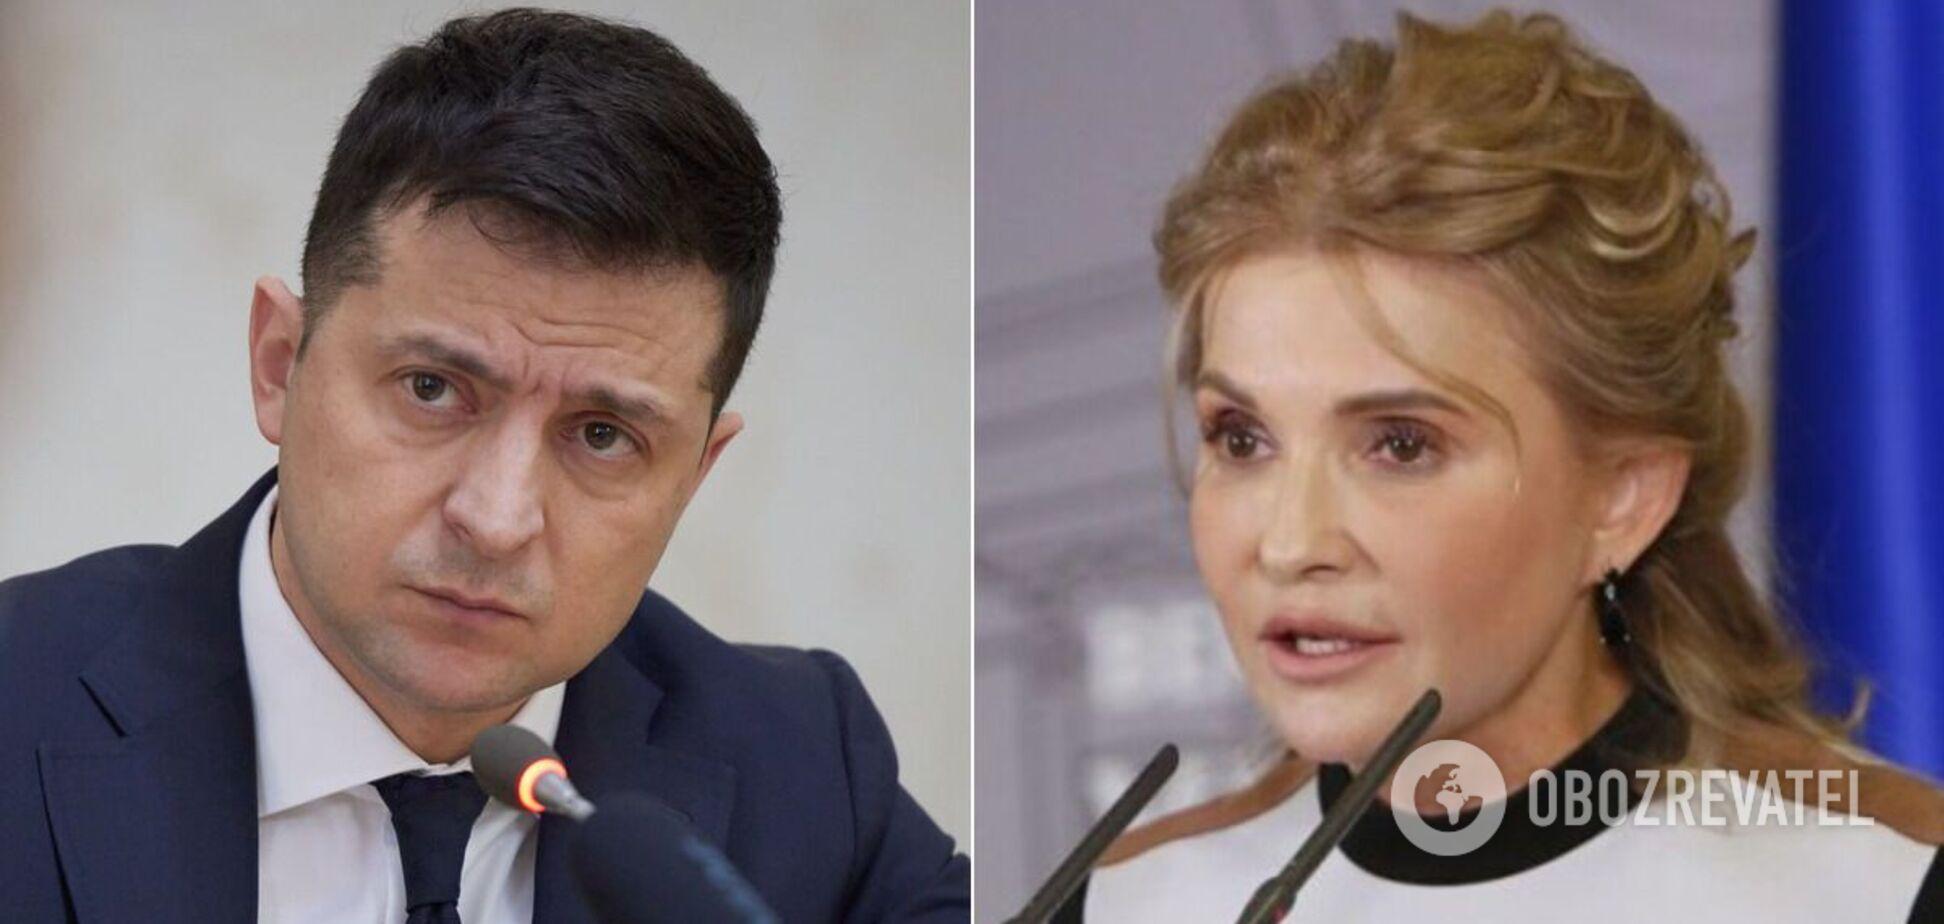 Зеленский назвал референдум от Тимошенко 'политическим переобуванием'